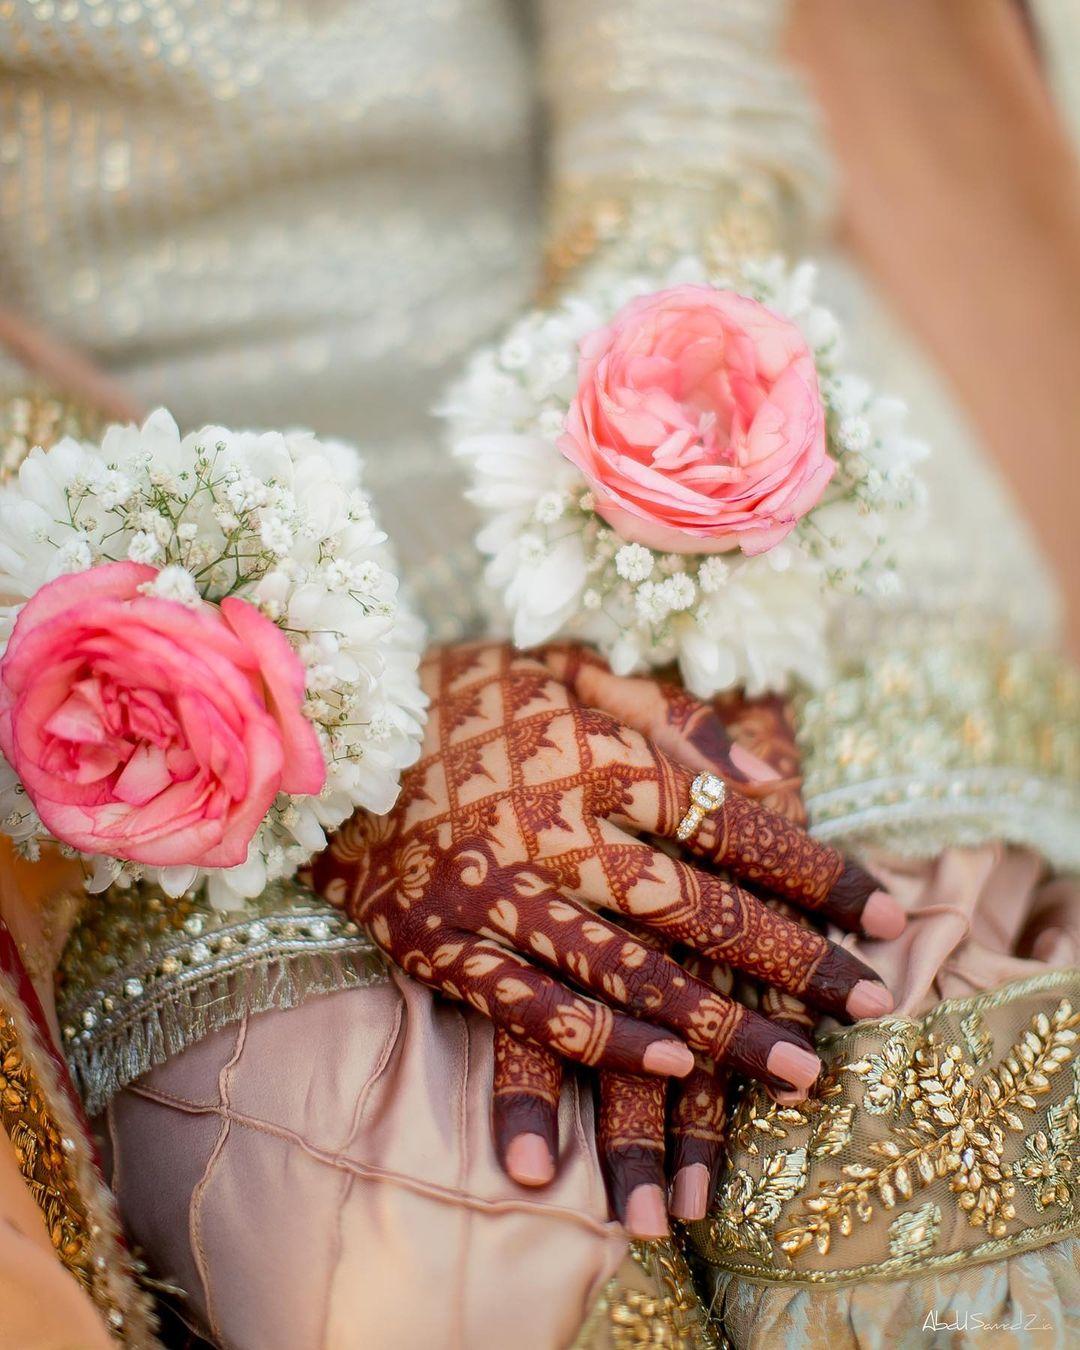 Bridal hand dp